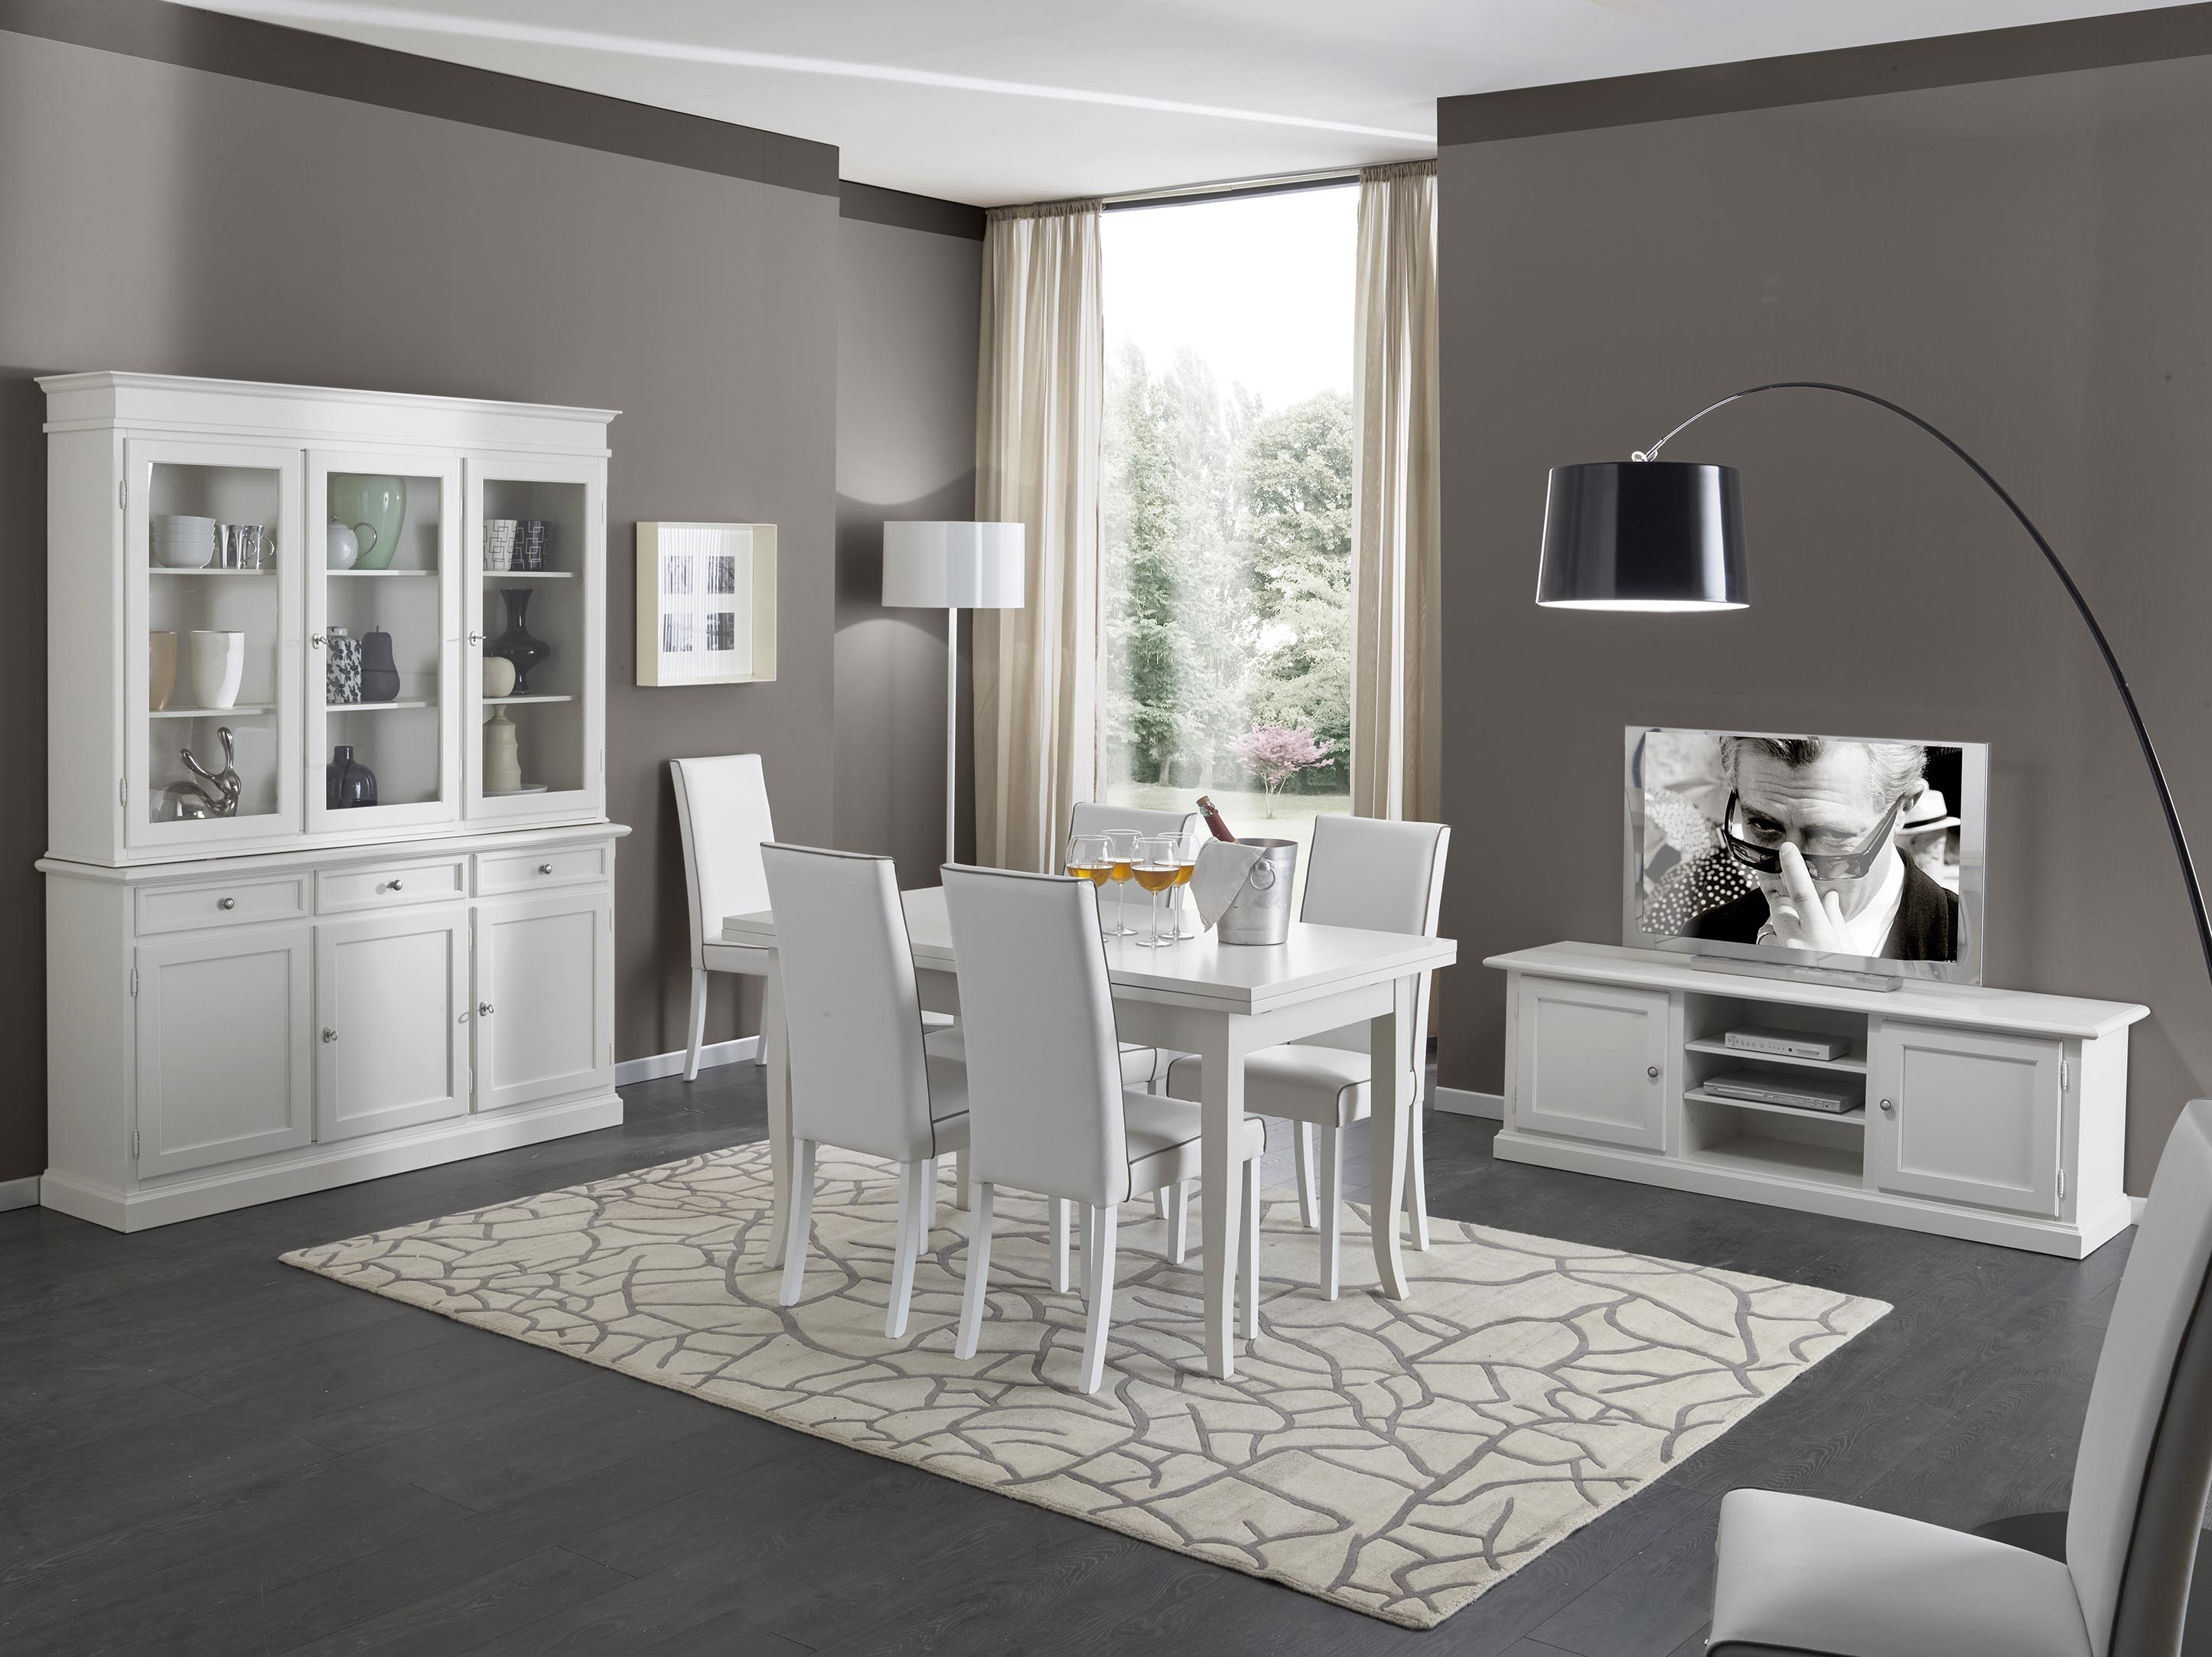 Soggiorno in legno bianco con tavolo sedie mobile tv e for Mobili da soggiorno moderni